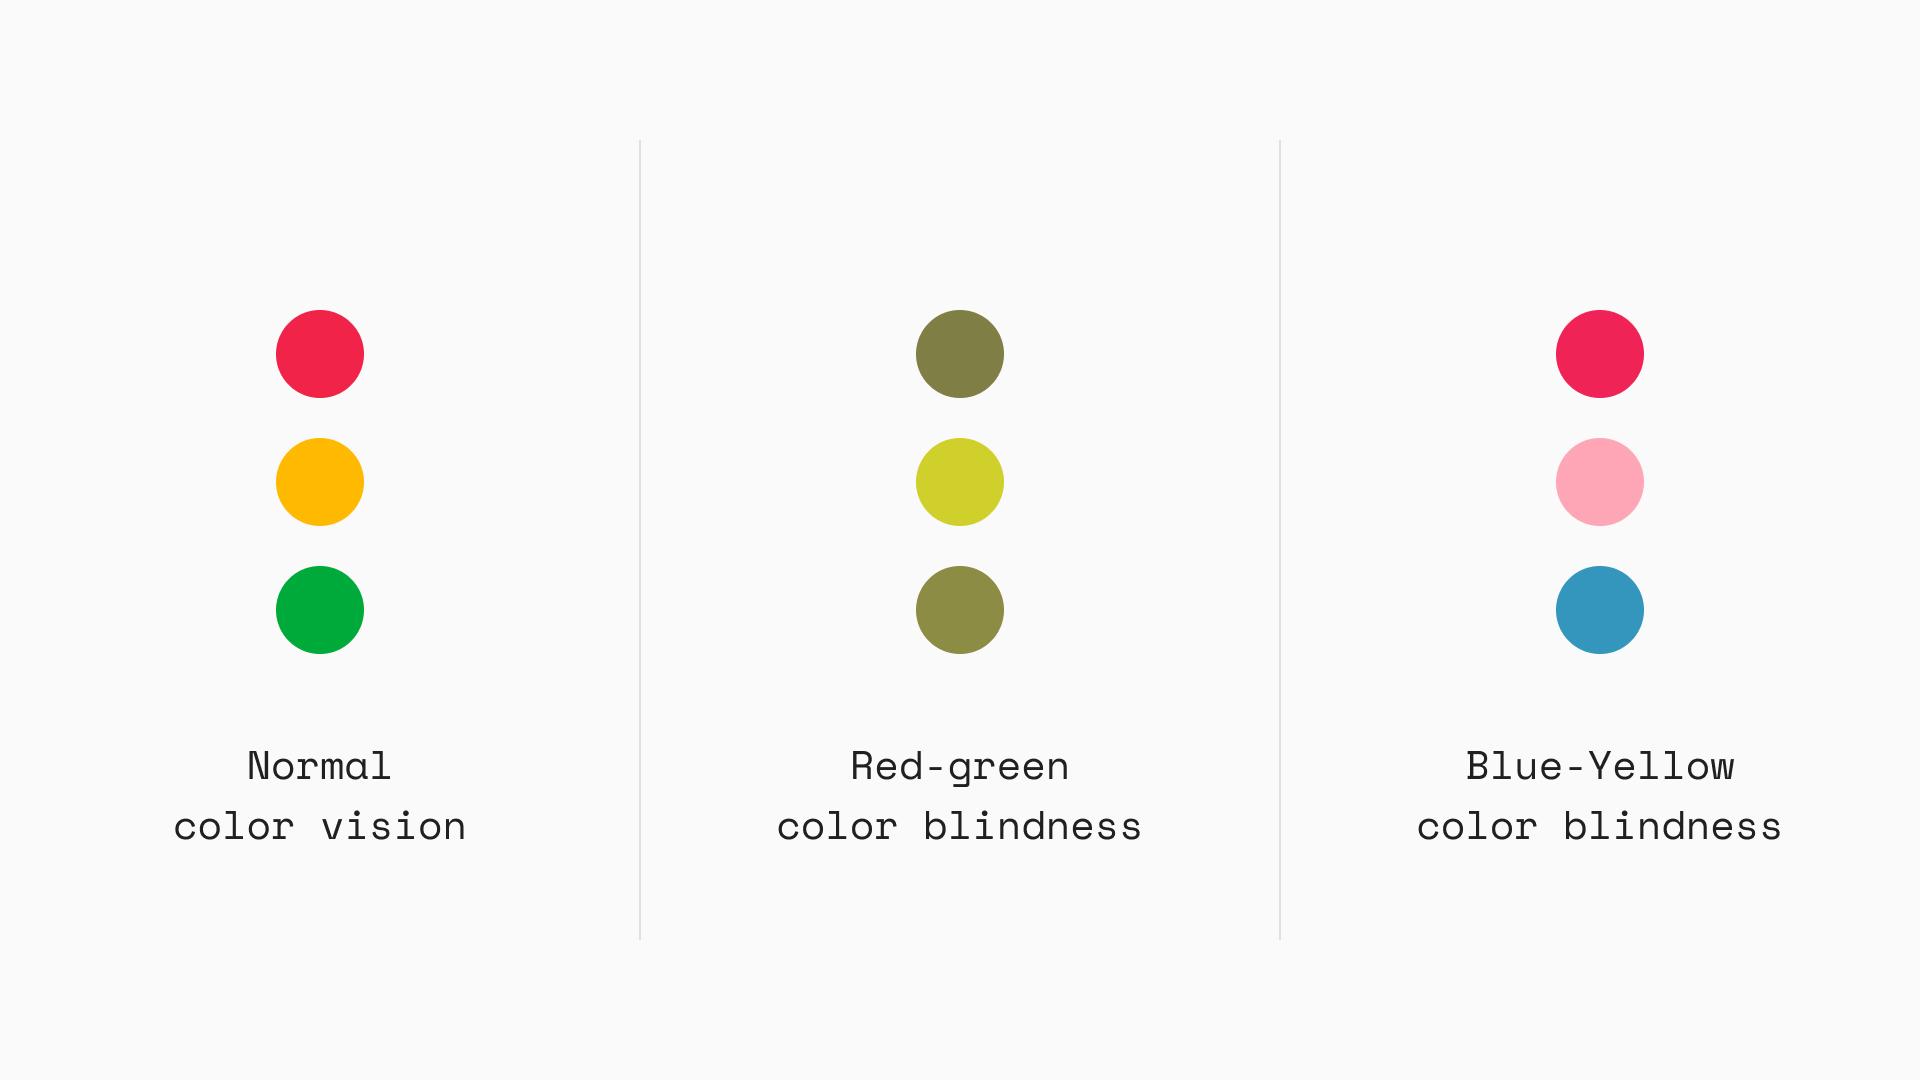 Esimerkki liikennevaloväripaletista ja siitä, miten eri tavoin värisokeat henkilöt näkevät sen.